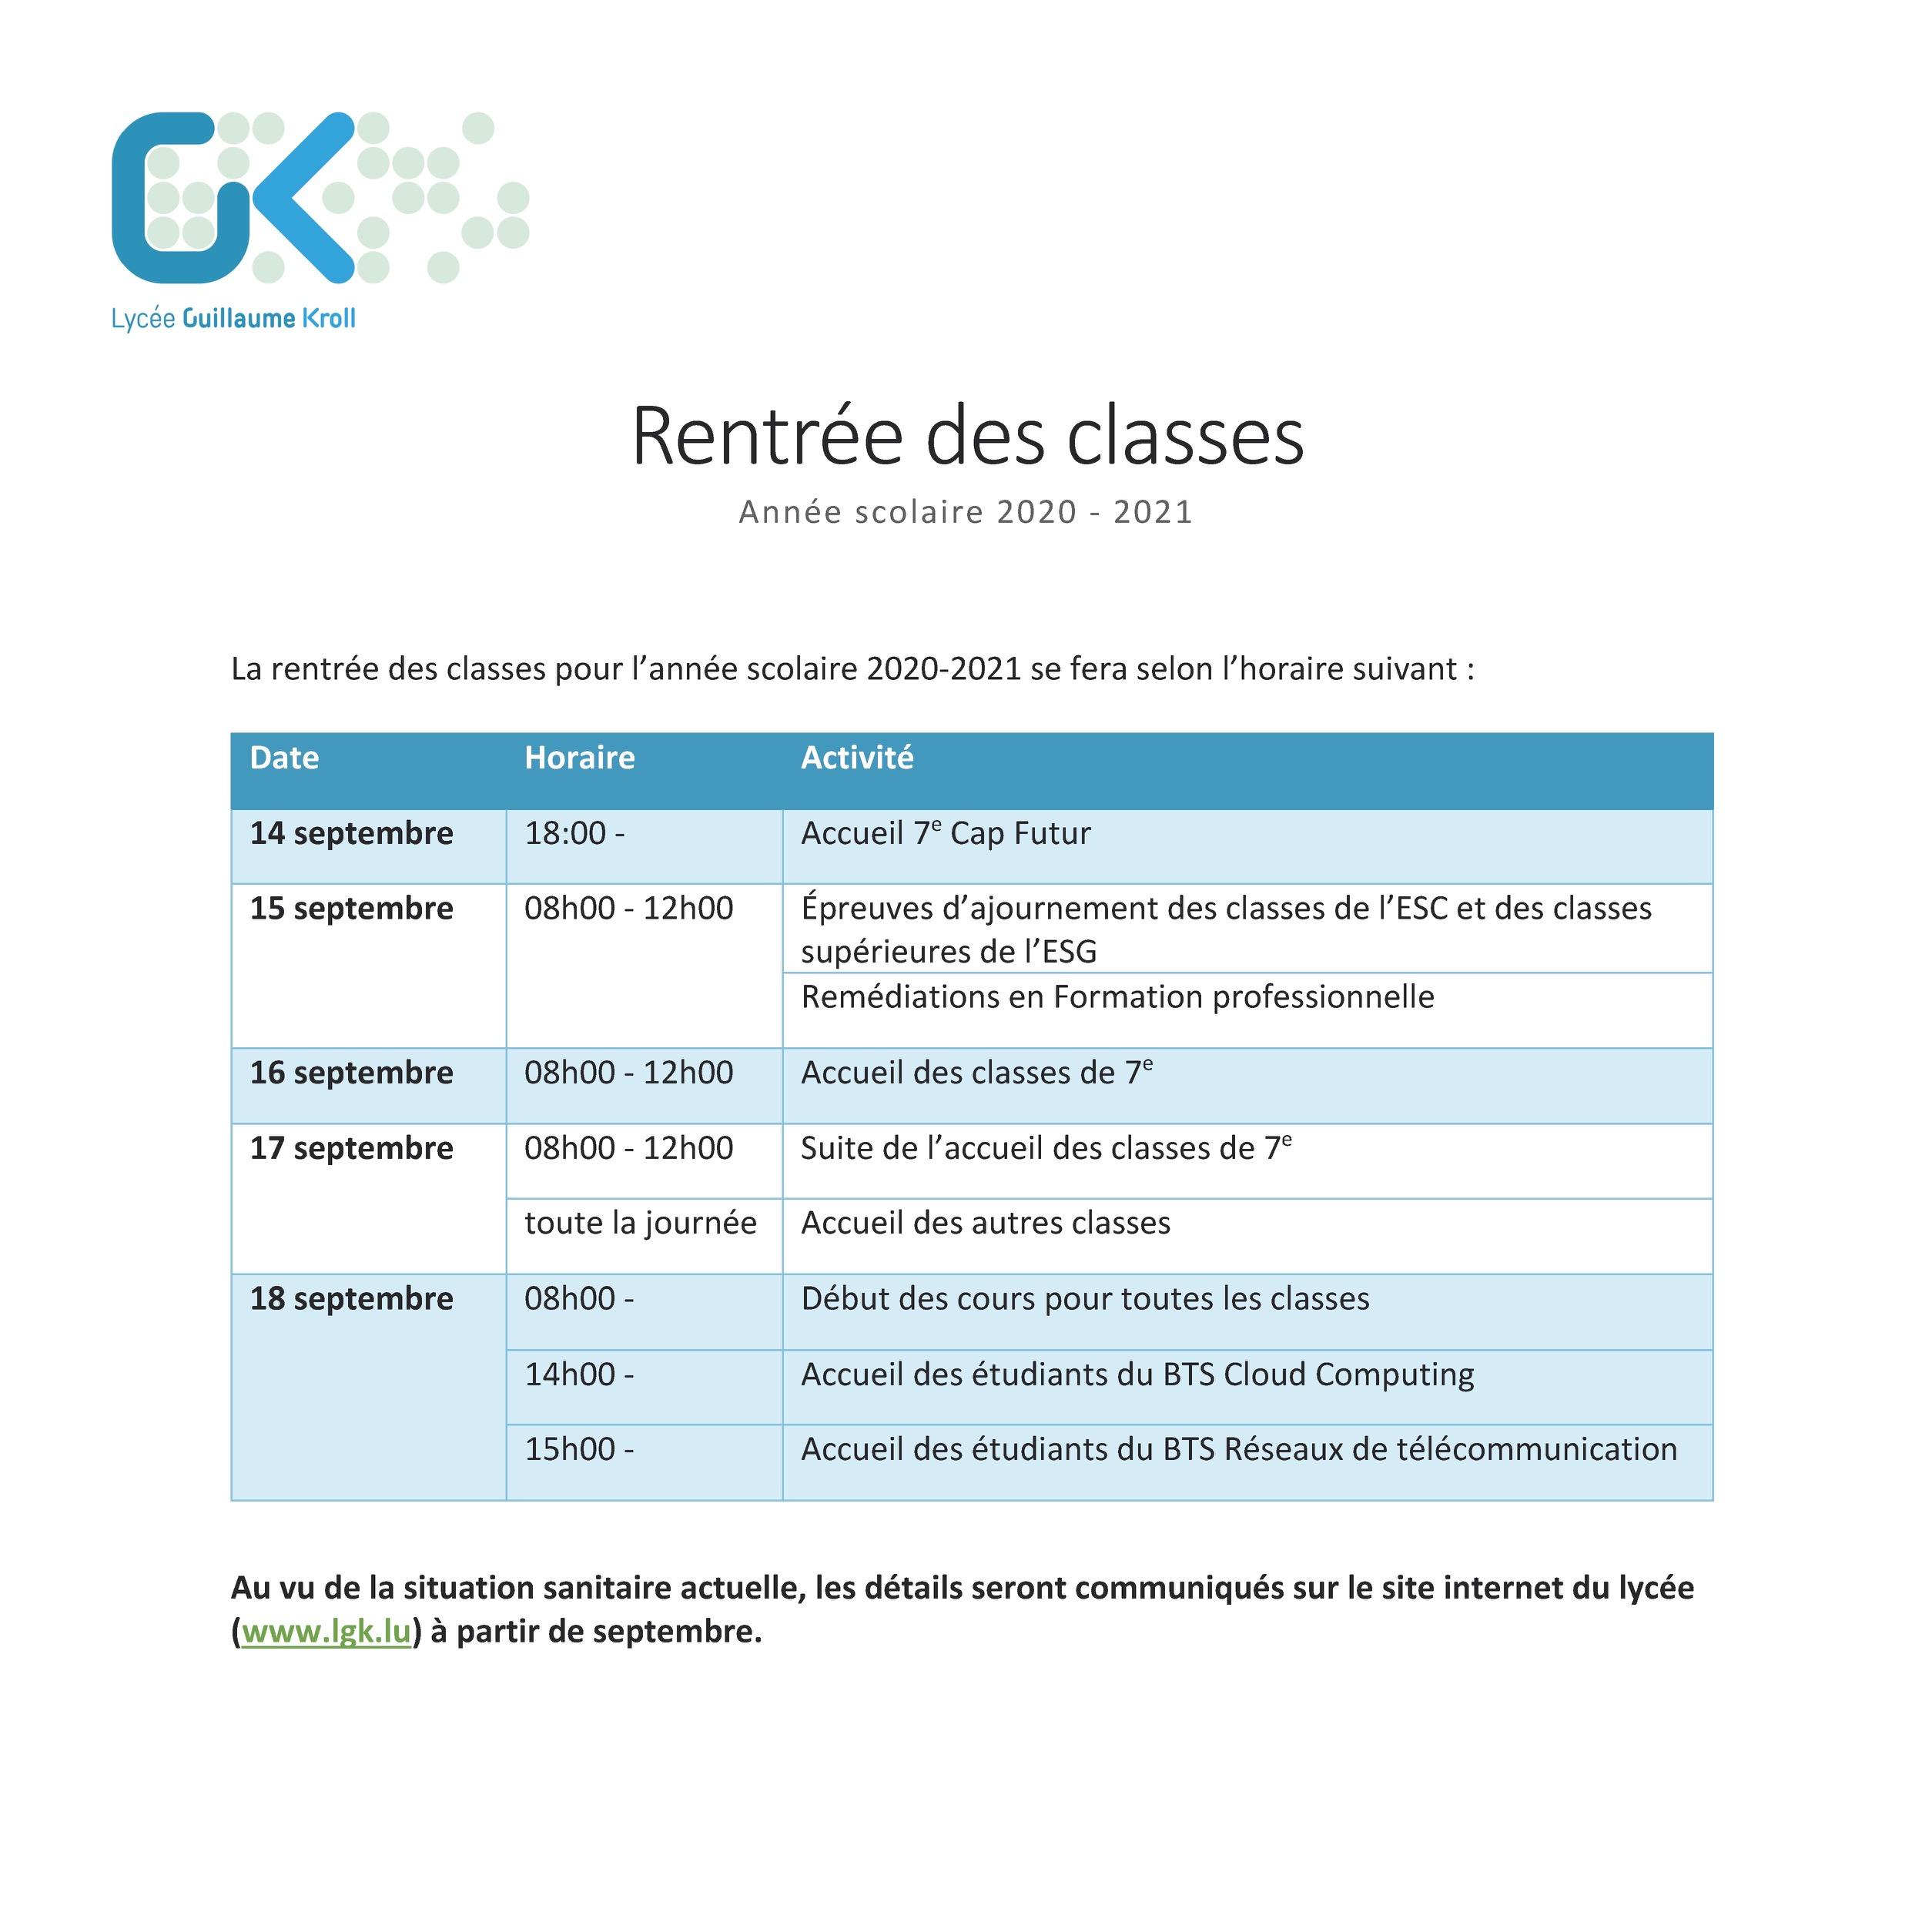 Informations sur la rentrée des classes 2020 - 2021